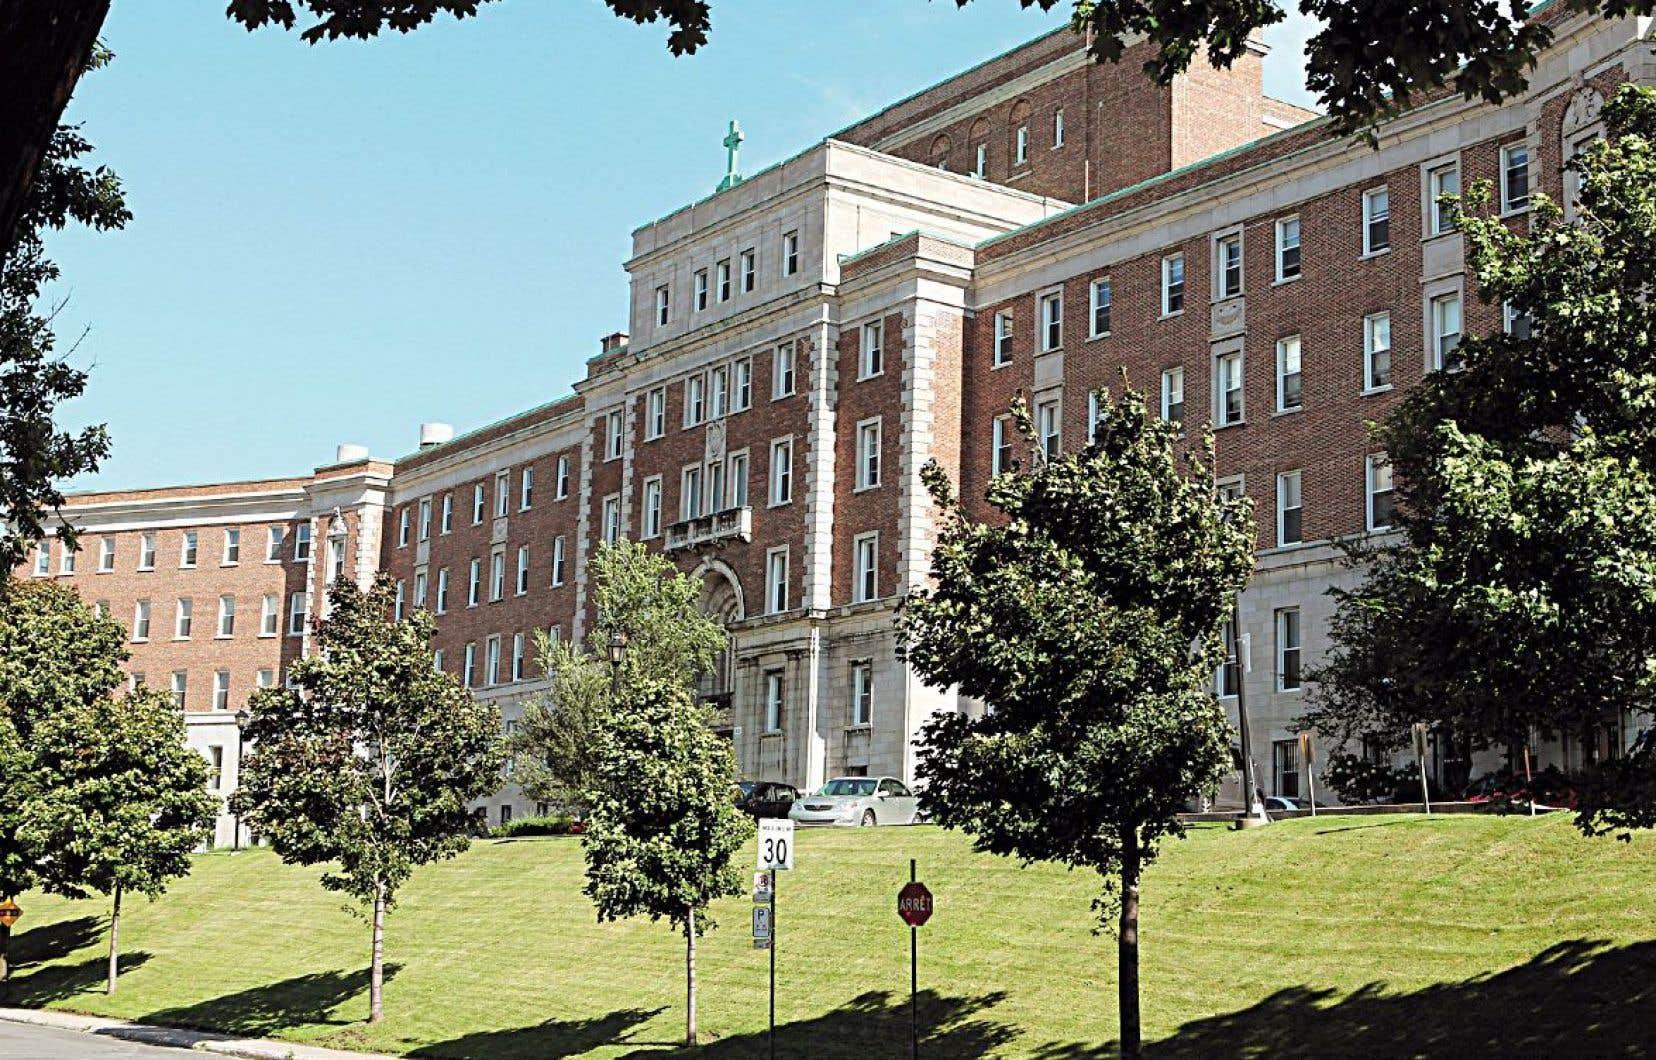 L'ancien couvent des Sœurs des Saints Noms de Jésus et de Marie, qui avait été acquis en 2015 par un promoteur immobilier, est de nouveau à vendre.<br />